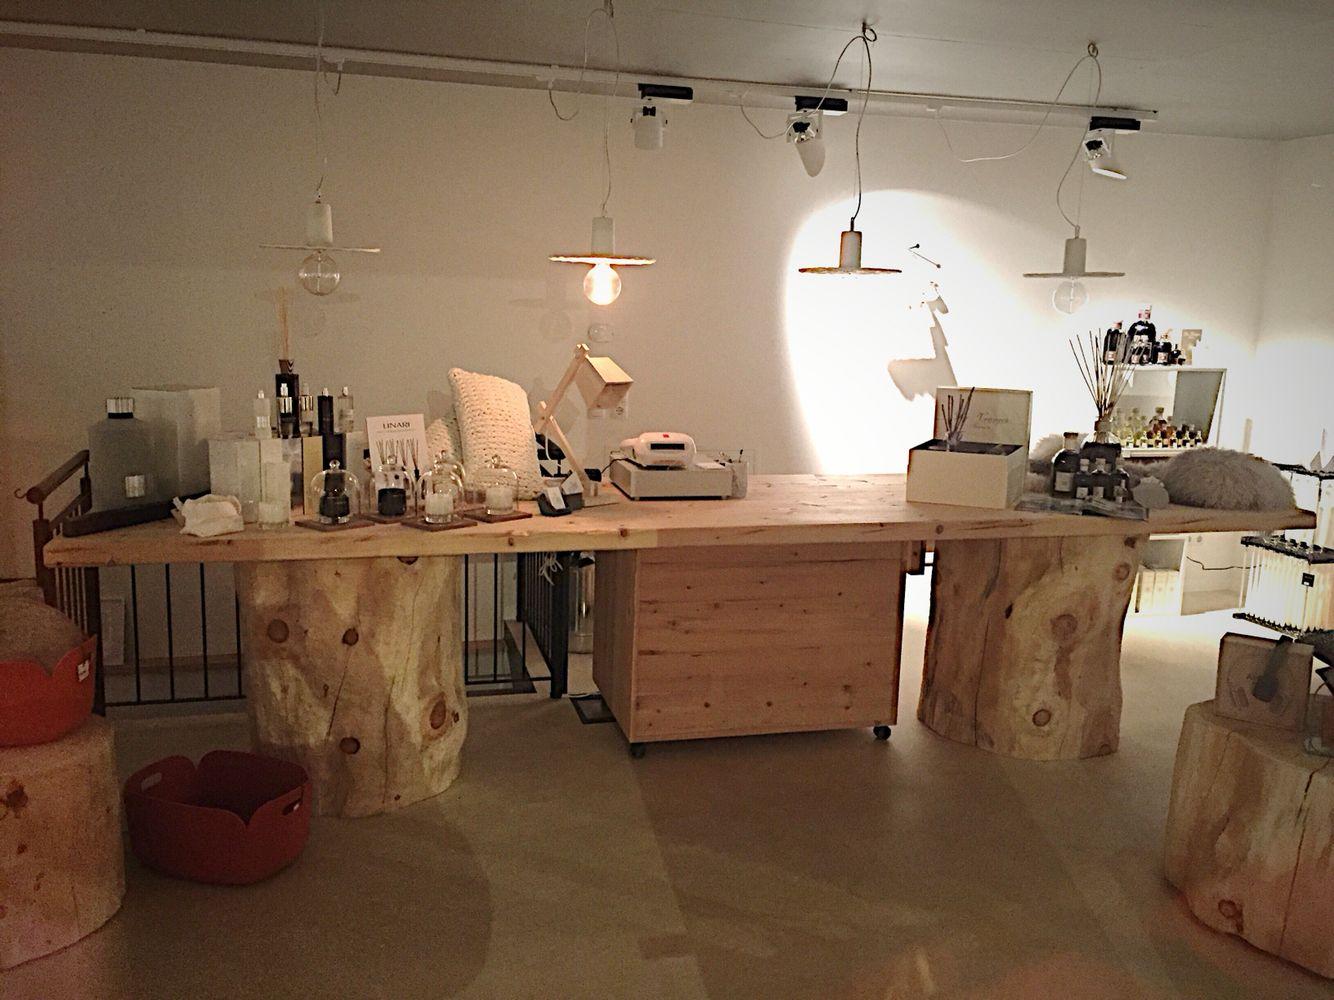 Bancone In Legno Per Negozio : Rough wooden counter for shops bancone in legno grezzo per